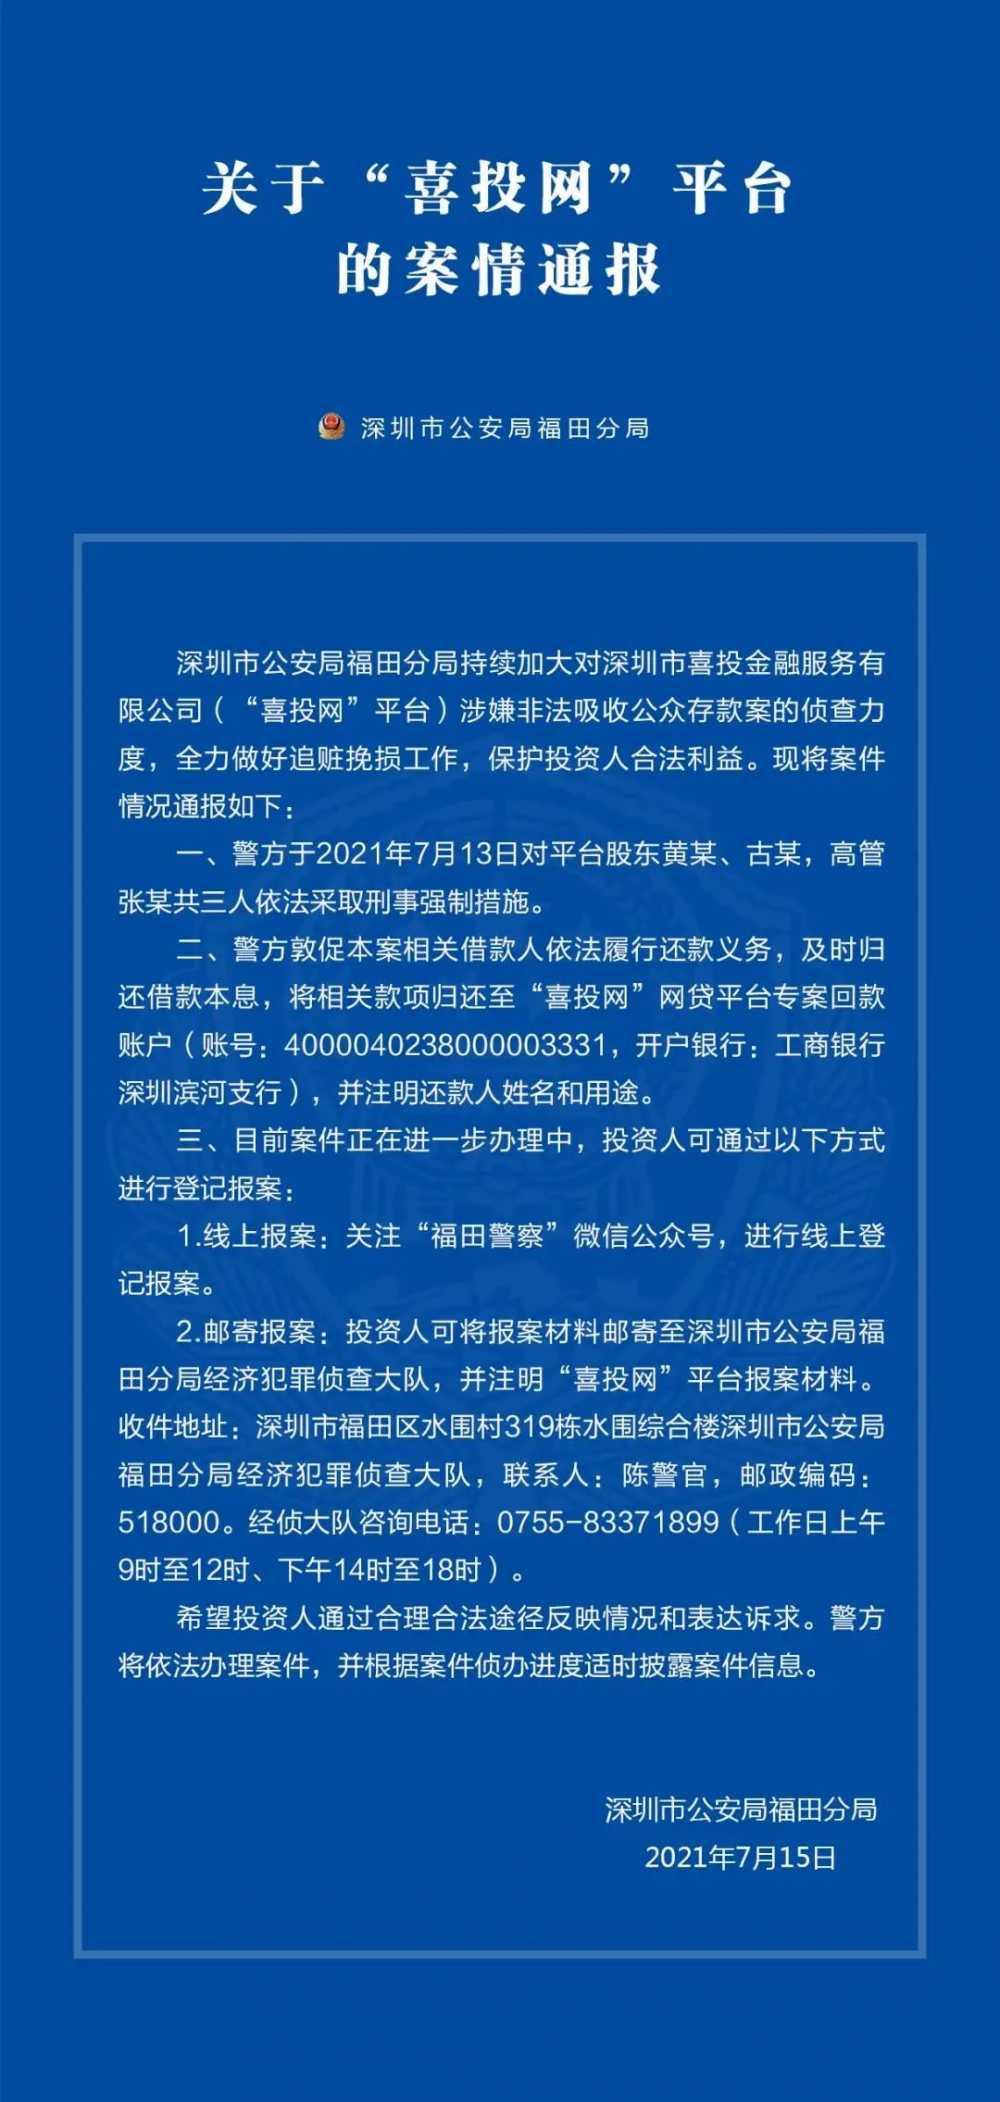 """小红书暂停美国IPO计划;财经大V黄生被抓;刘诗诗诉""""电影派""""侵权案胜诉"""